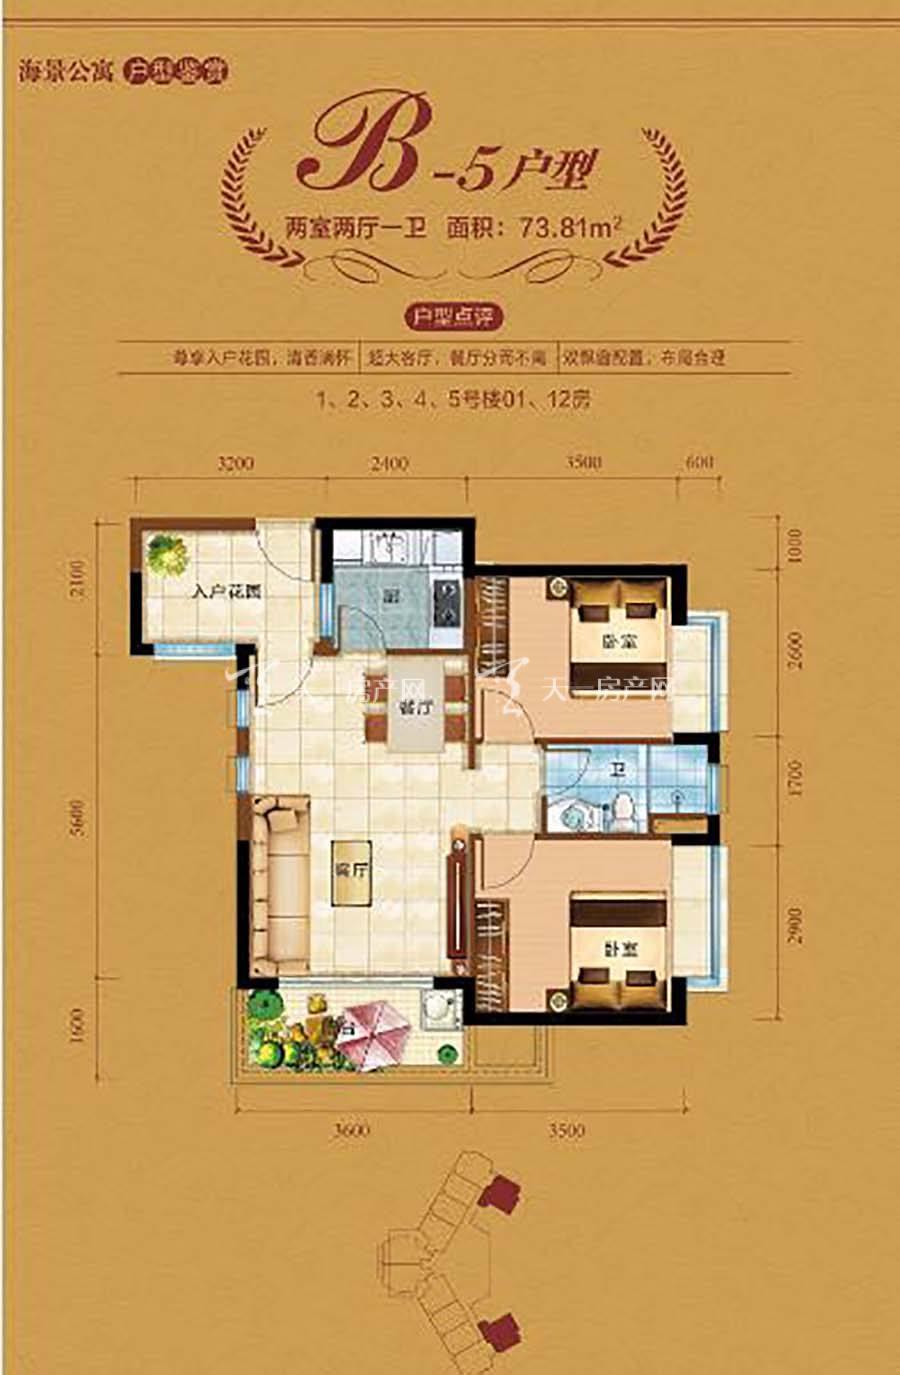 中视金海湾二期B5户型/2房2厅1卫/建筑面积:约73.81㎡